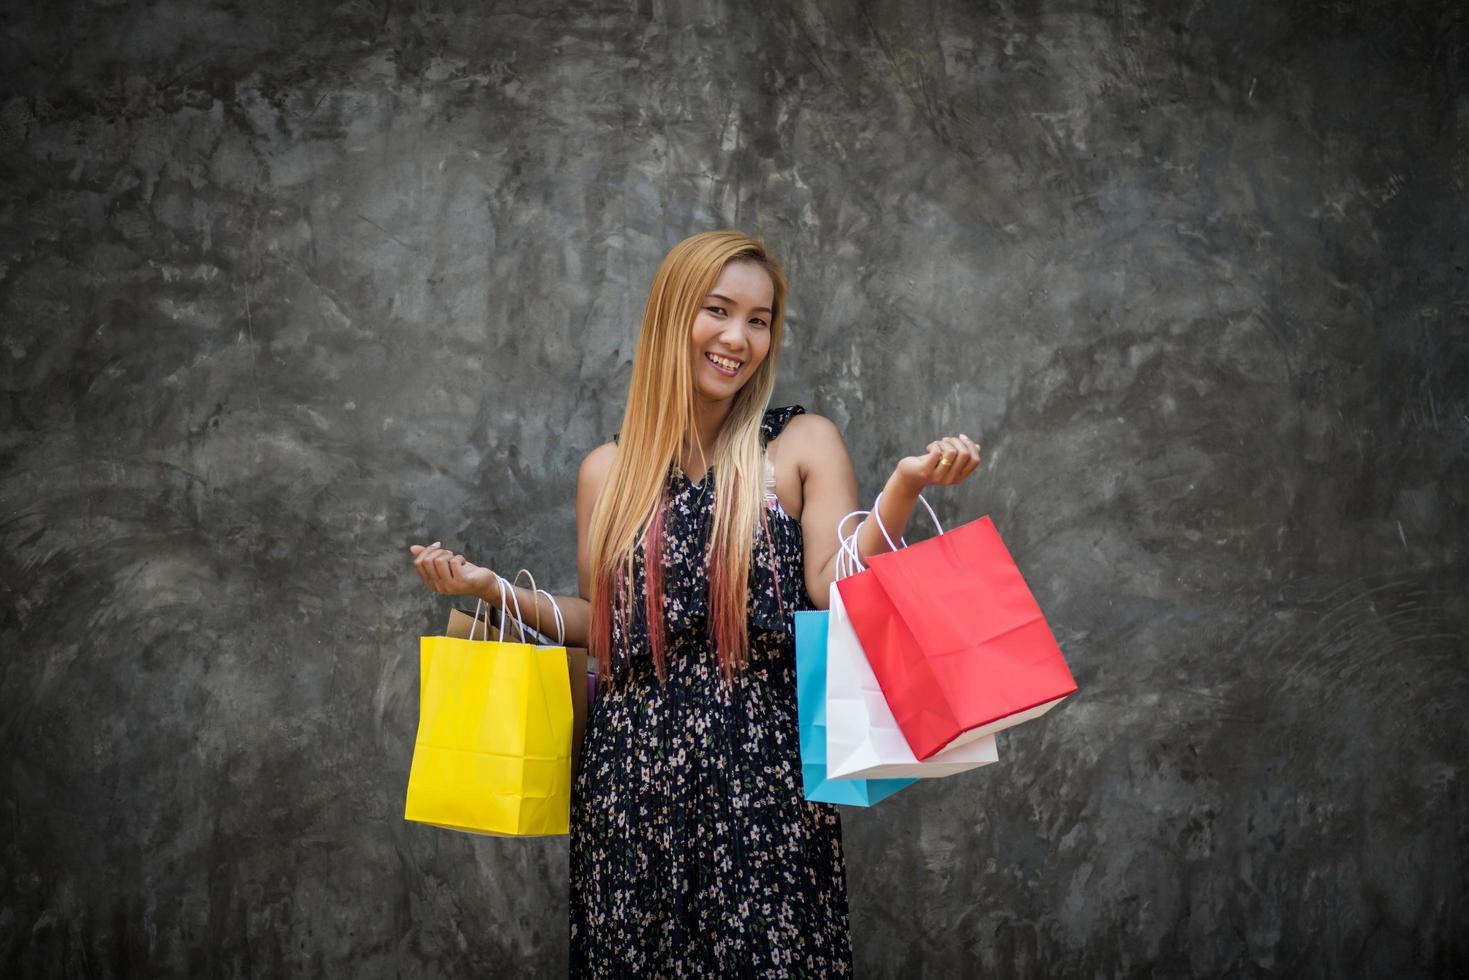 Retrato de una joven mujer sonriente feliz con bolsas de la compra. foto